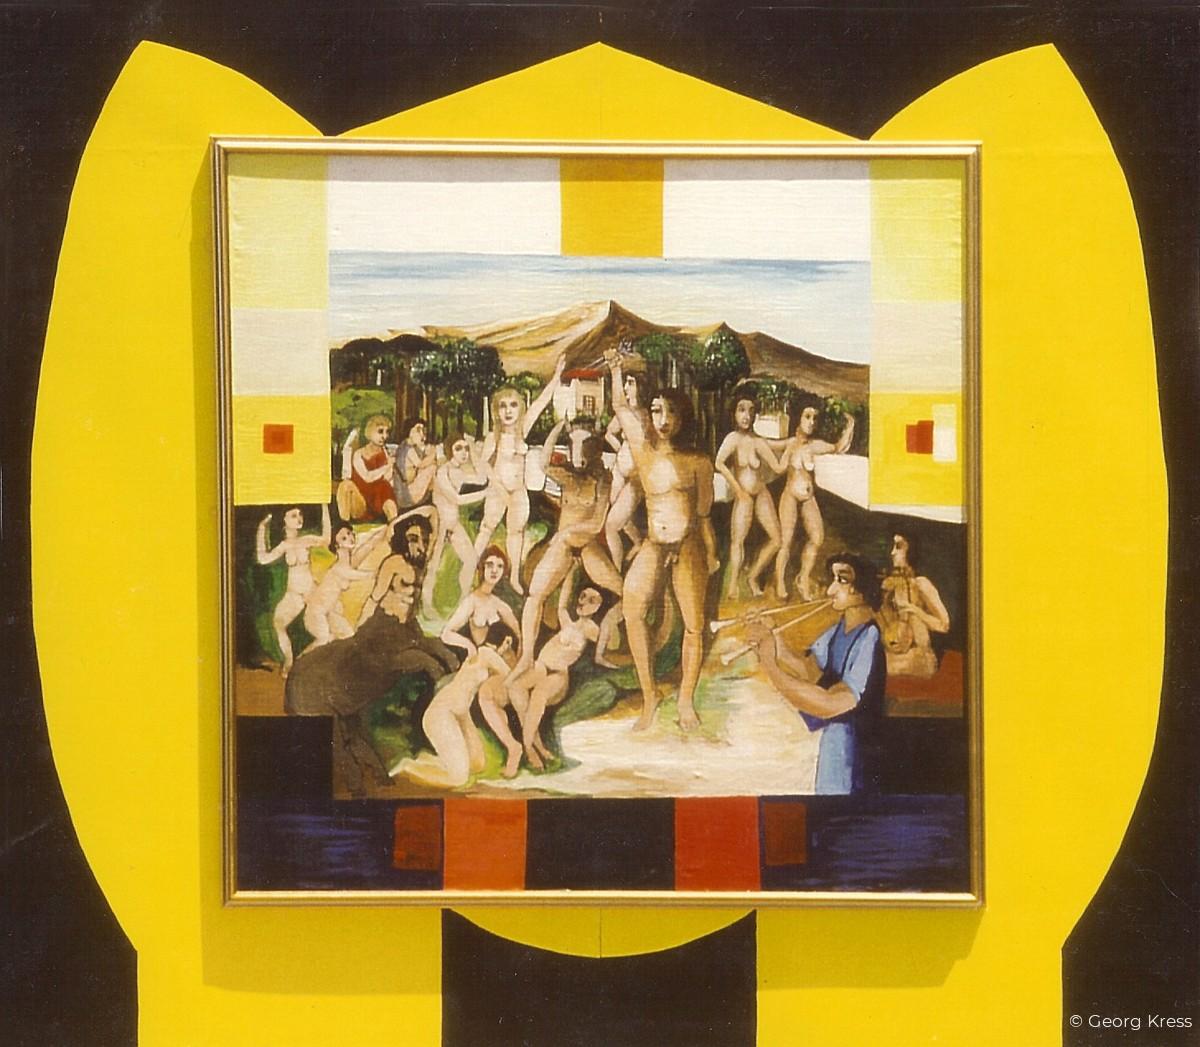 Freiheit - Sieg über den Minotaurus. 1987. Eitempera, Öl, Dispersion auf Leinwand, Holz.